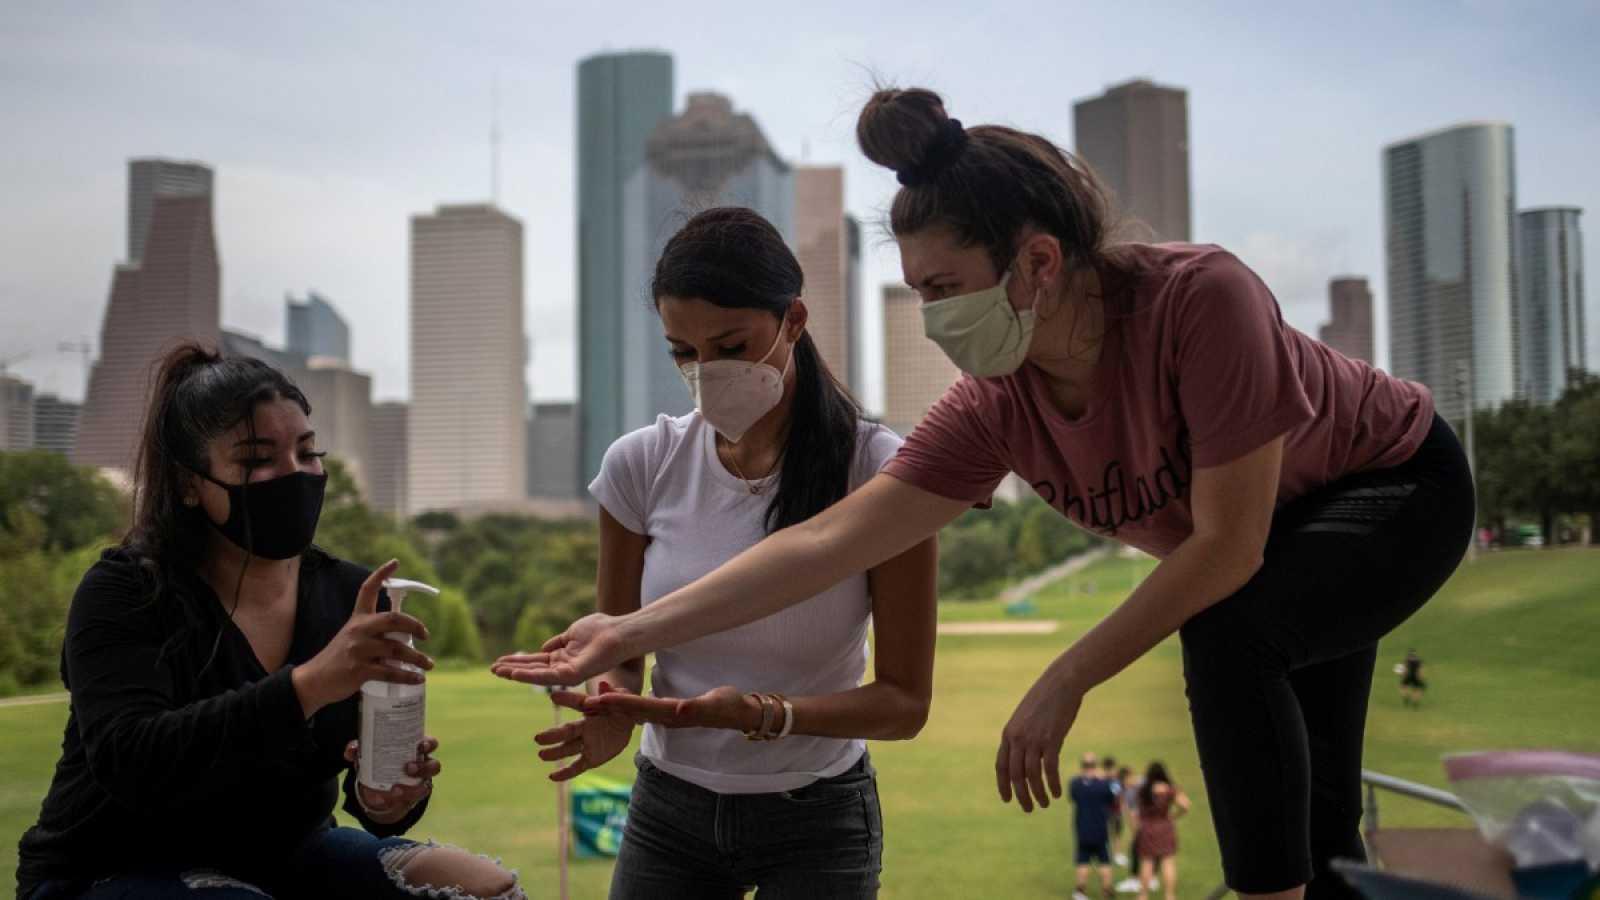 Tres jóvenes con mascarilla comparten desinfectante de manos con el 'skyline' de Houston, Texas, de fondo.